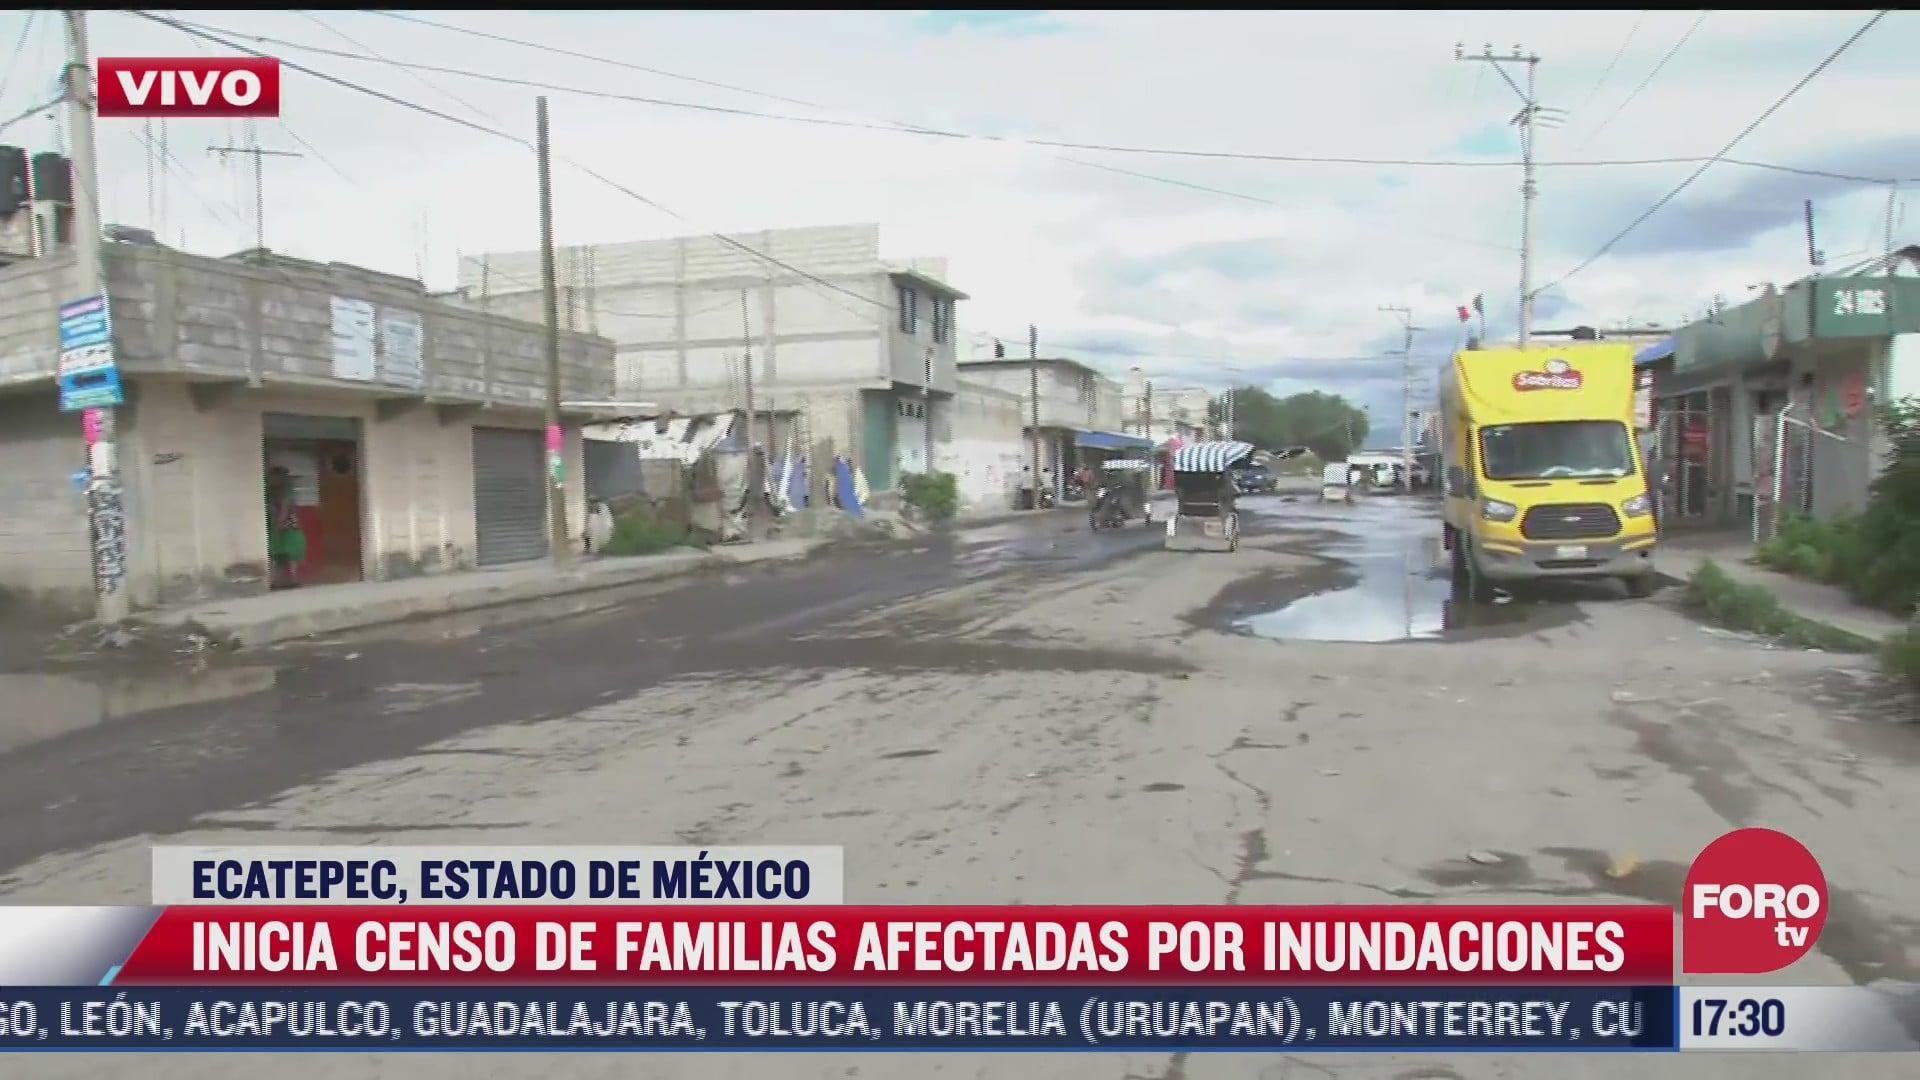 inician censo de familias afectadas por inundaciones en ecatepec